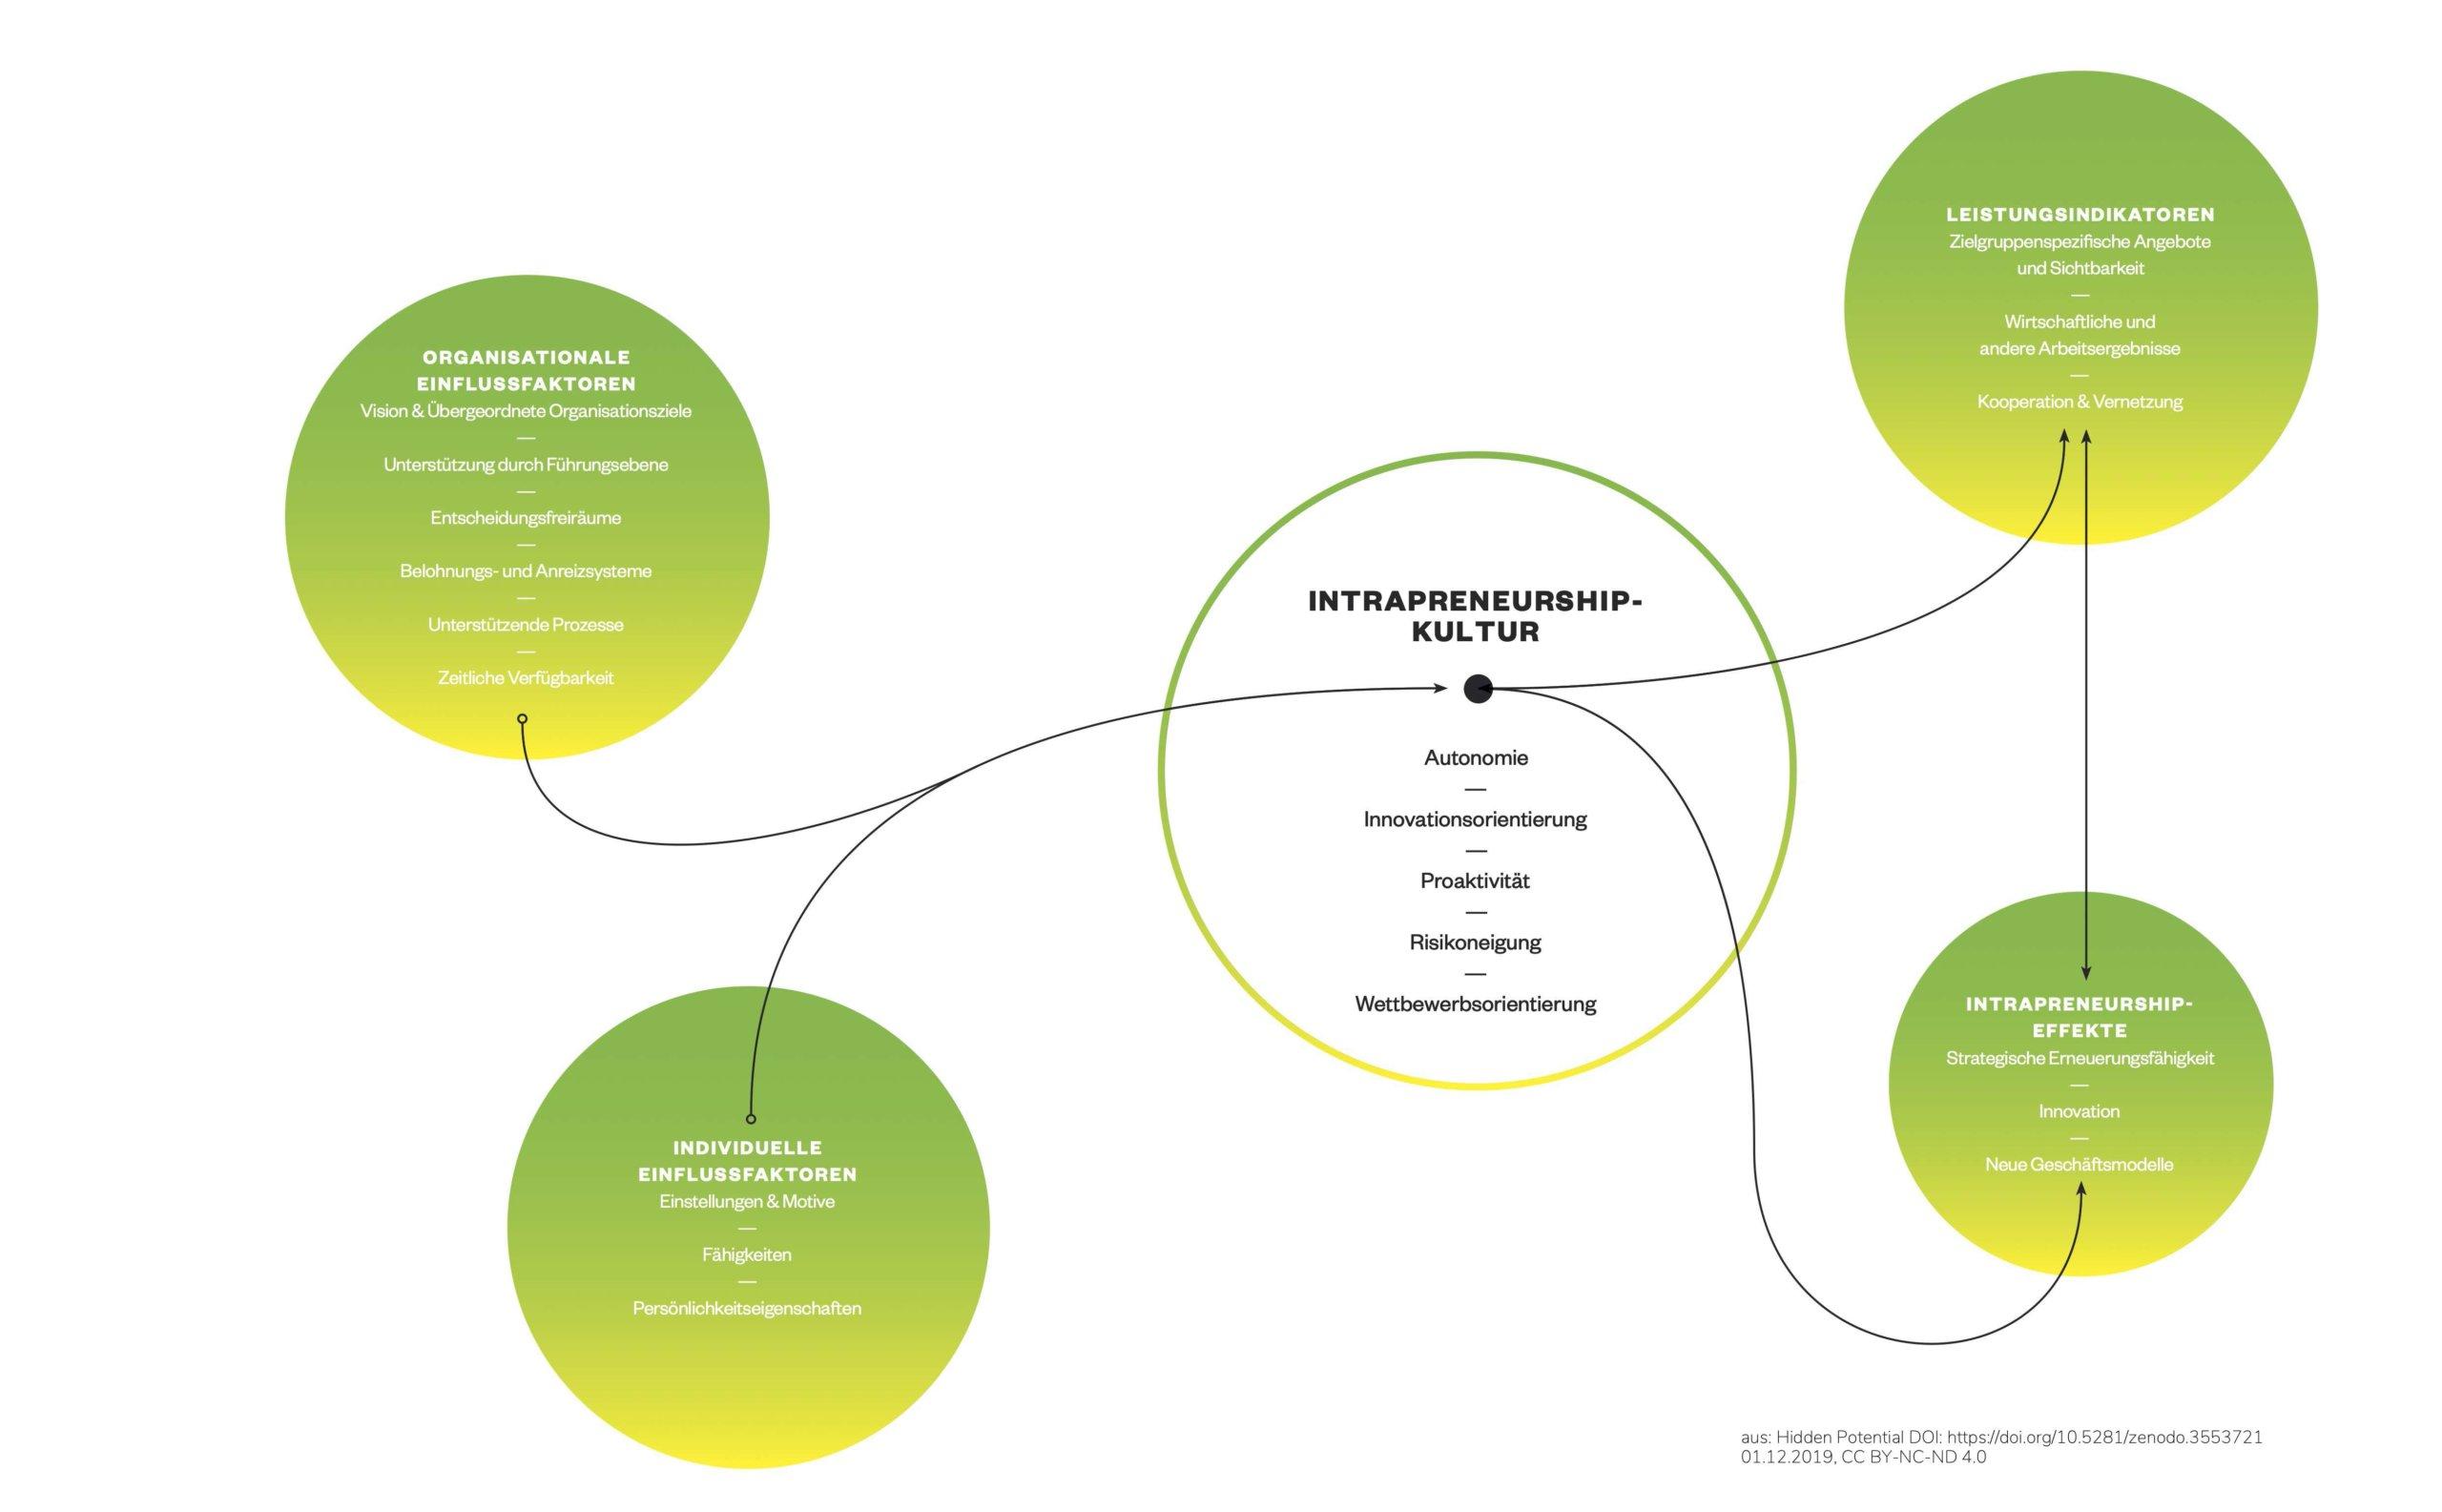 Einflussfaktoren und Intrapreneurshipkultur